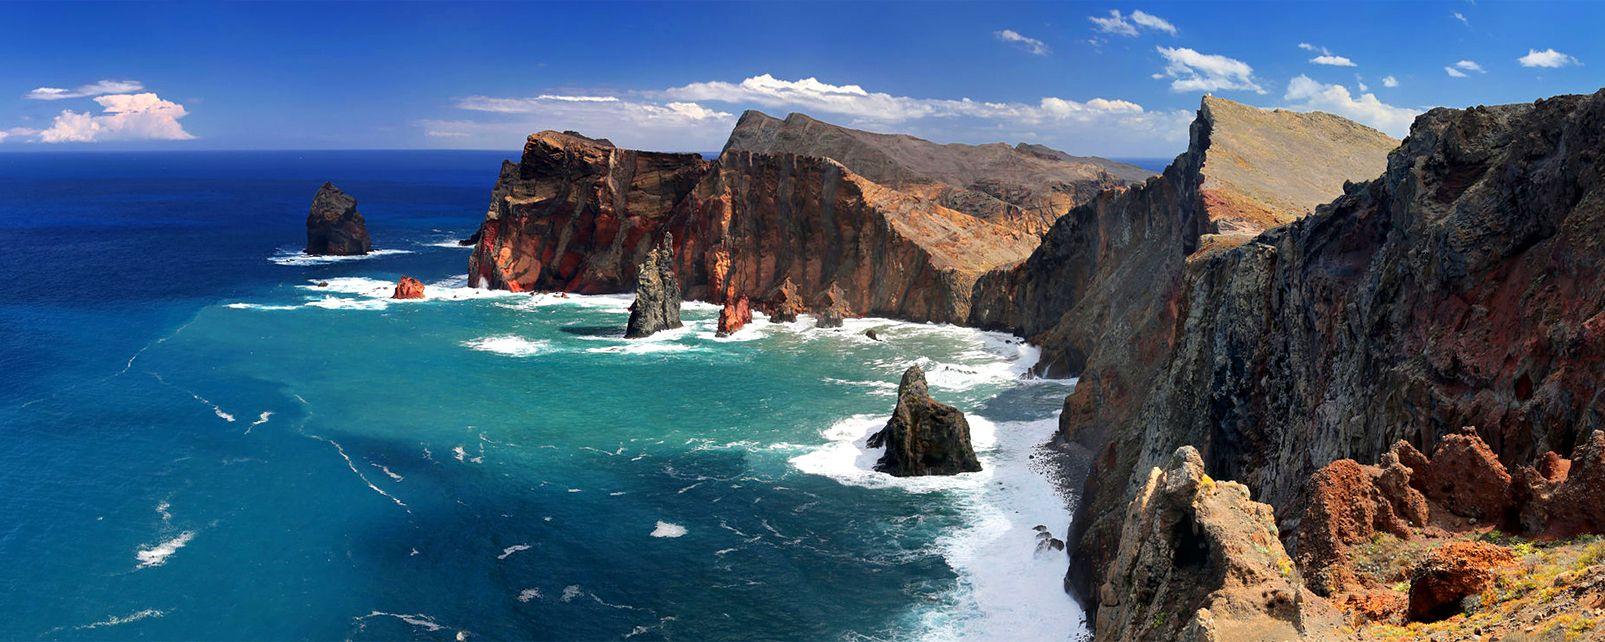 Al norte de Madeira